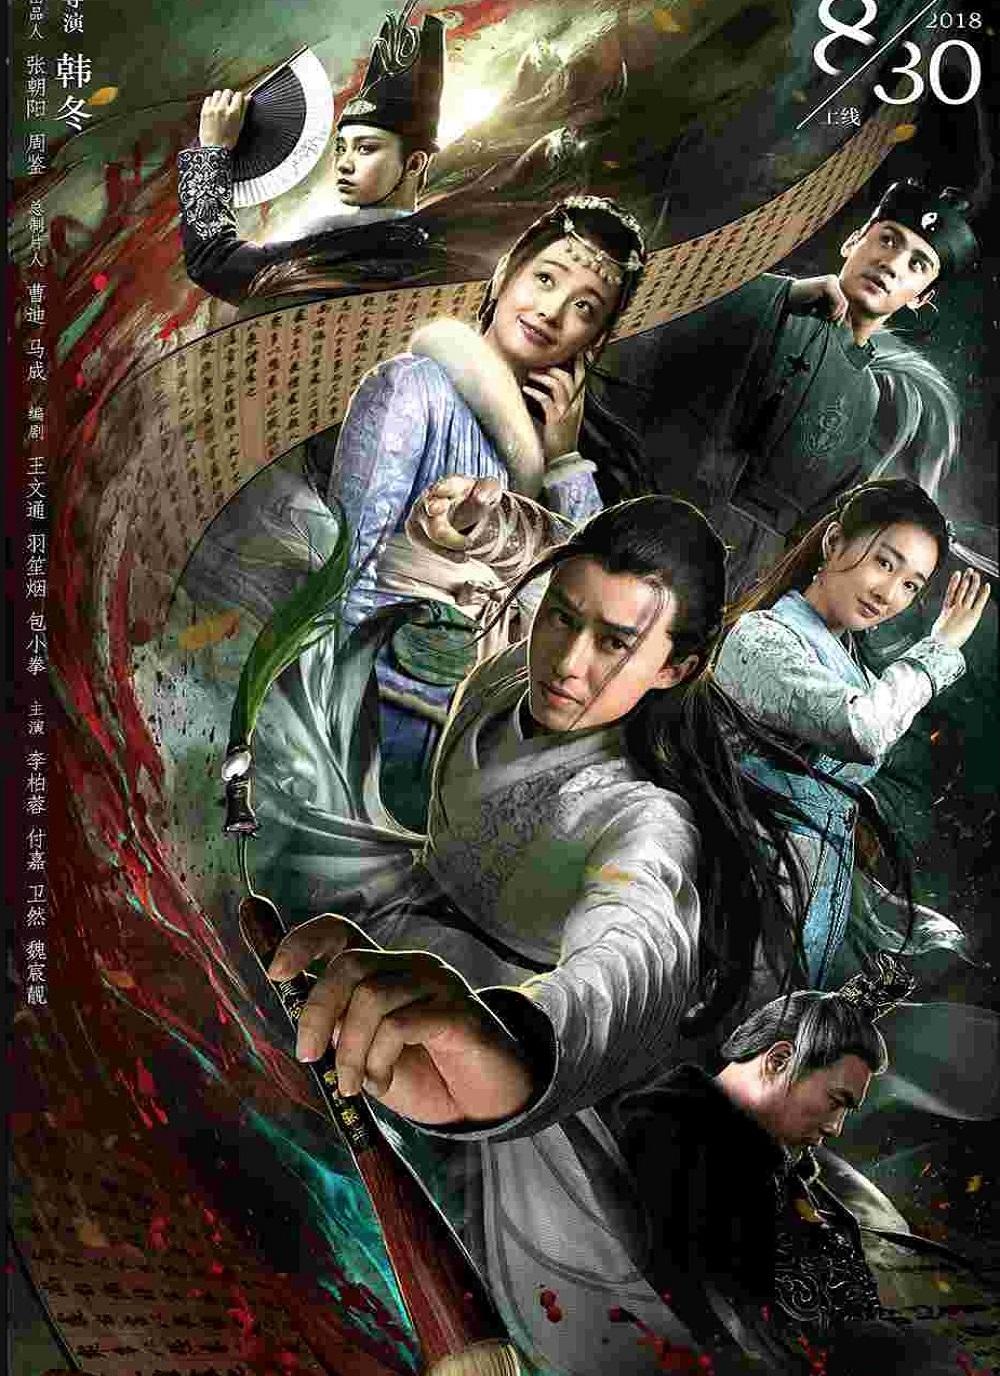 Xem Phim Đường Thi Tam Bách Án - The Untold Stories Of Tang Dynasty